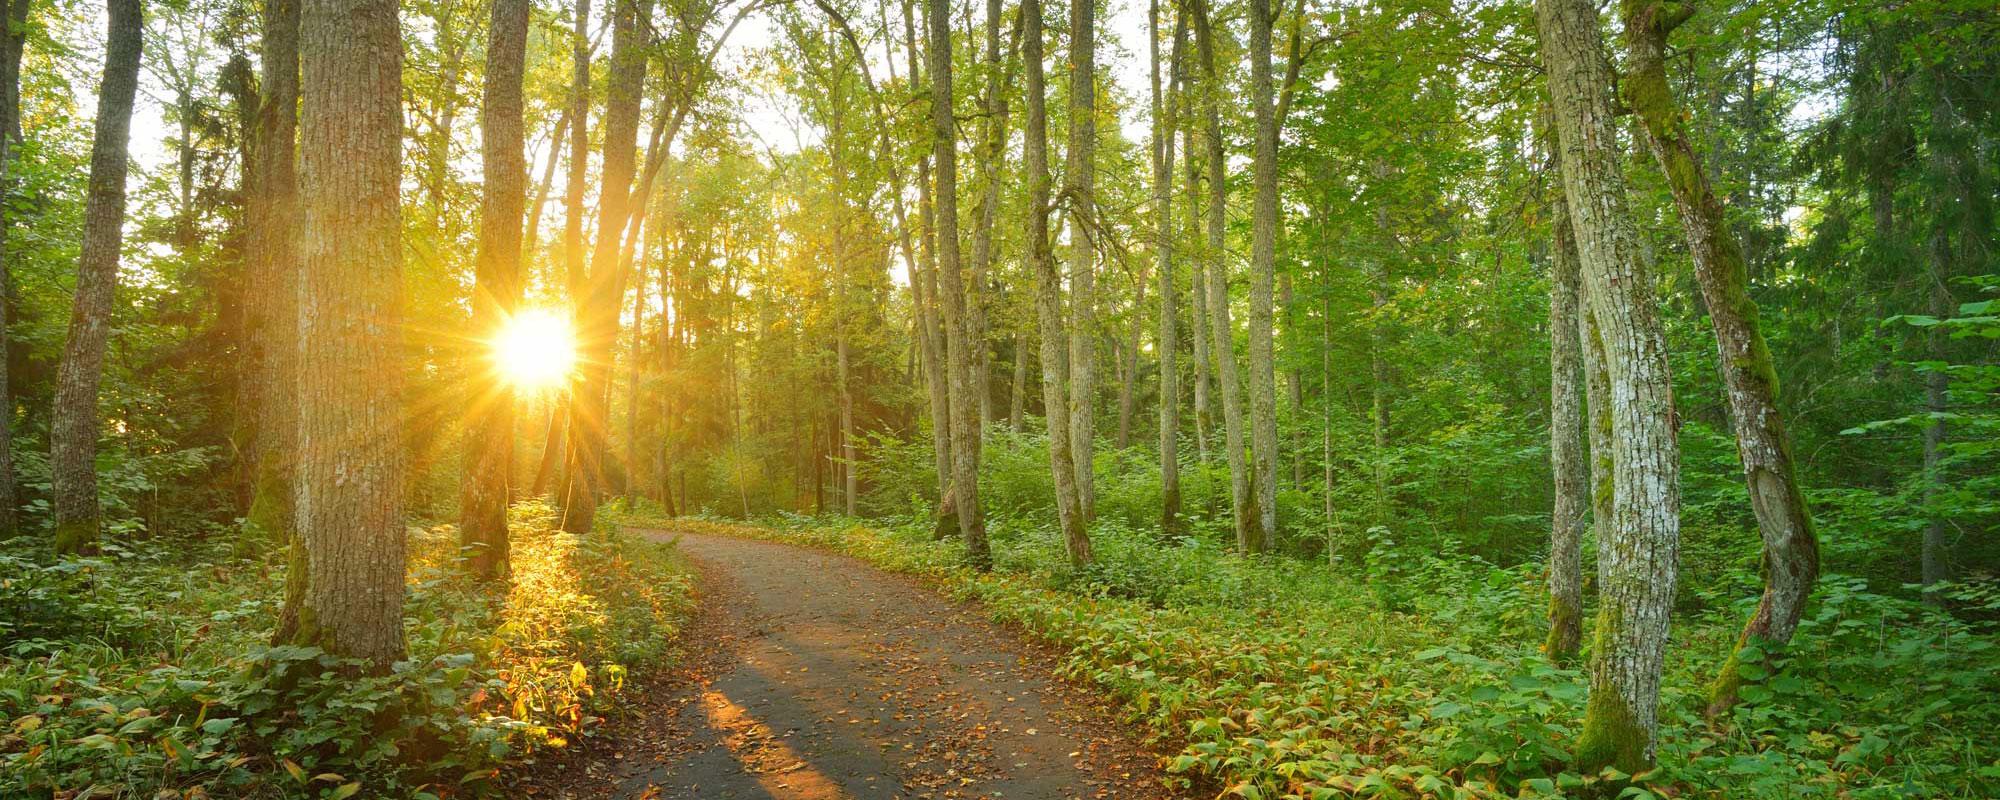 Slider Woods Path Sm Hoosier Village Retirement Community